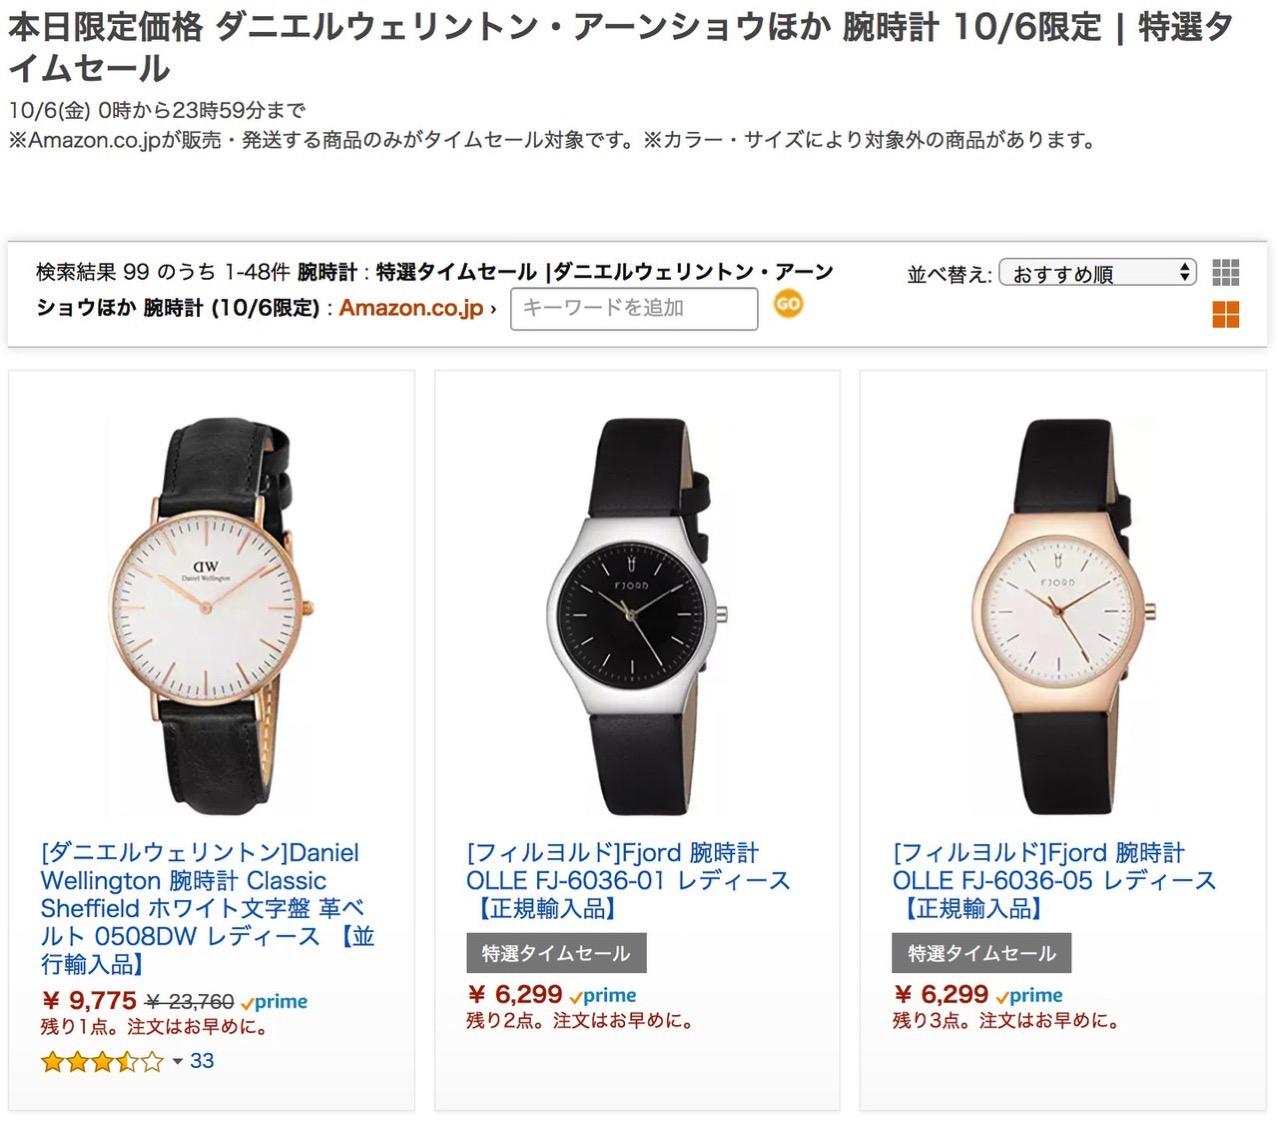 【10/6限定】Amazon、腕時計の特選タイムセールを実施中